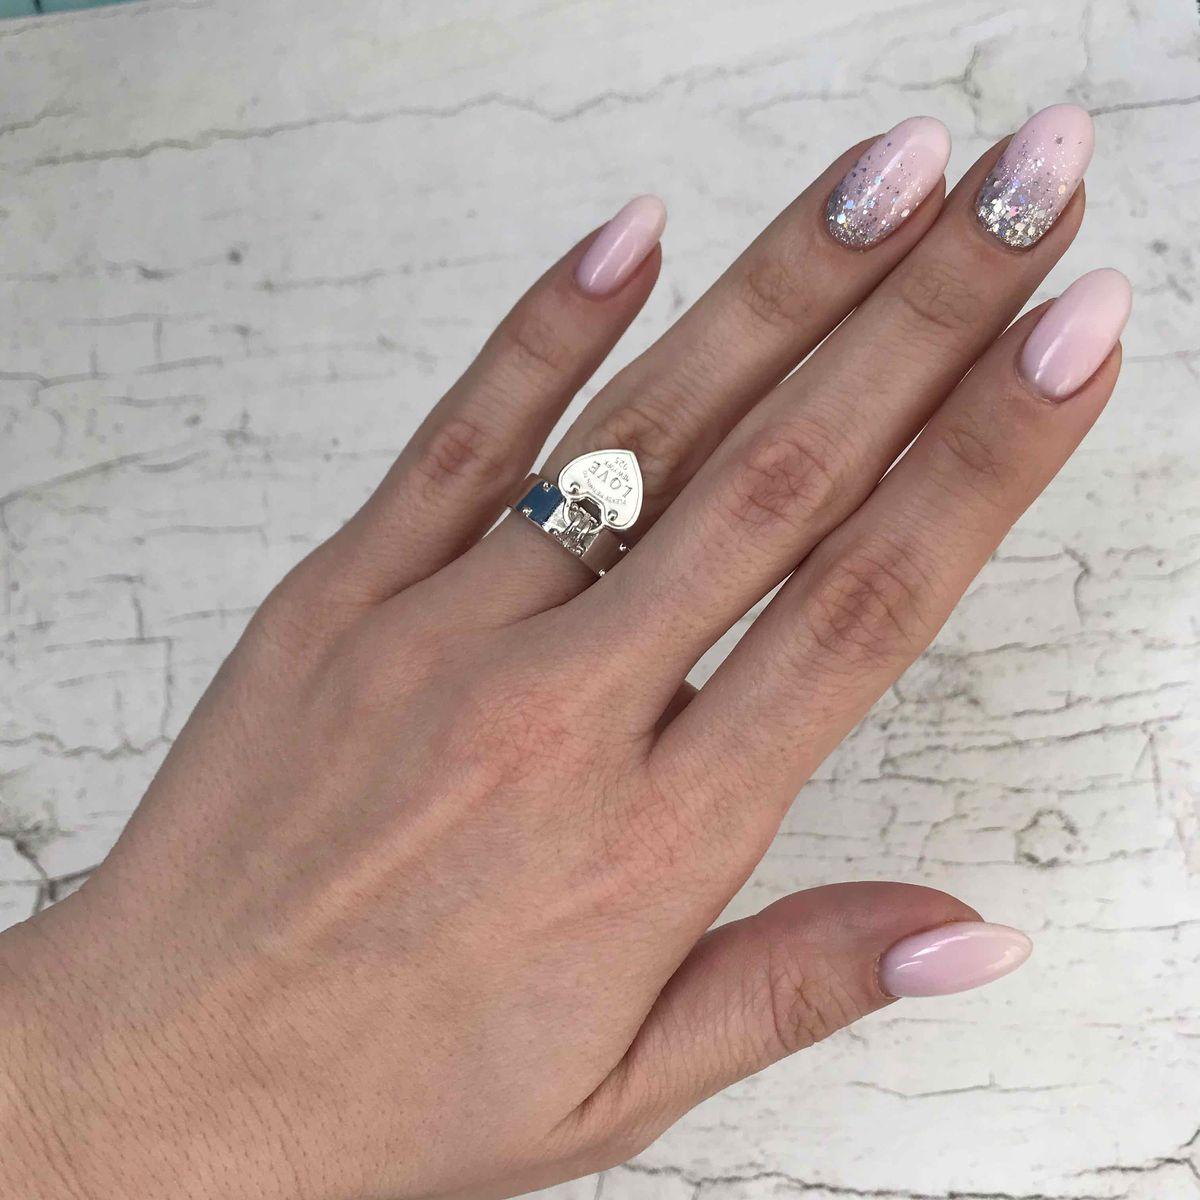 Самое необычное кольцо в моей коллекции💥